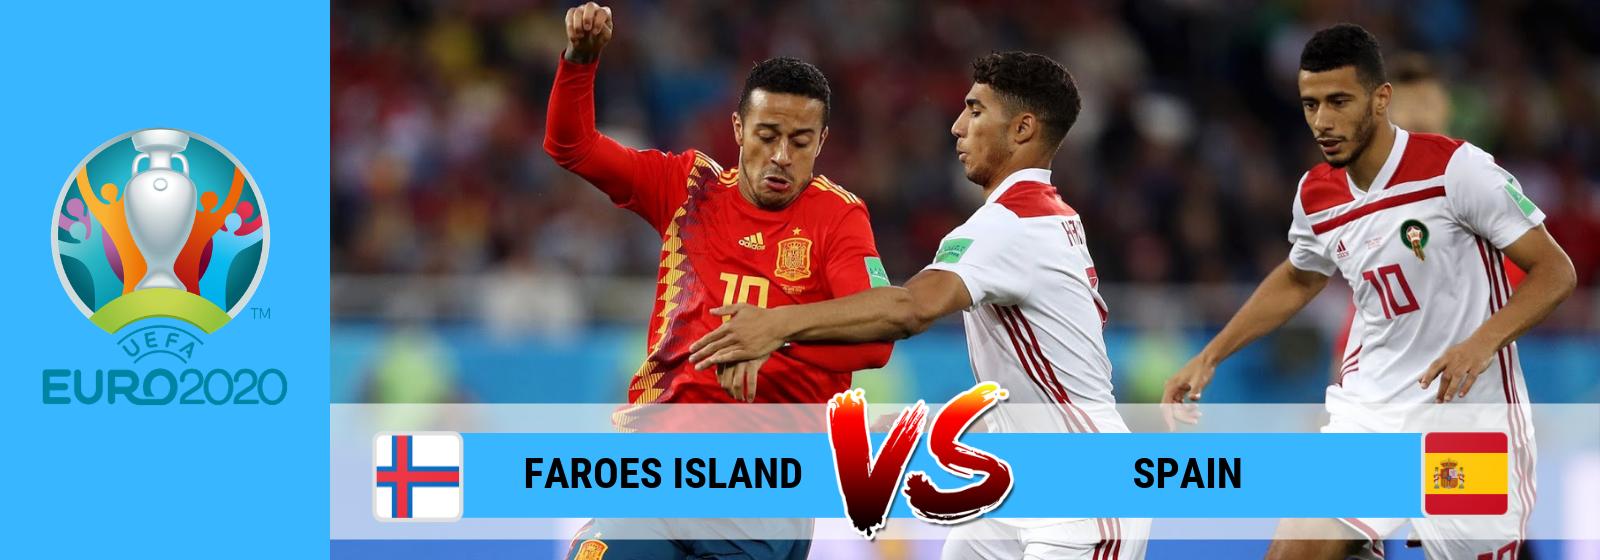 UEFA Euro 2020 Faroes Island Vs Spain Asian Connect